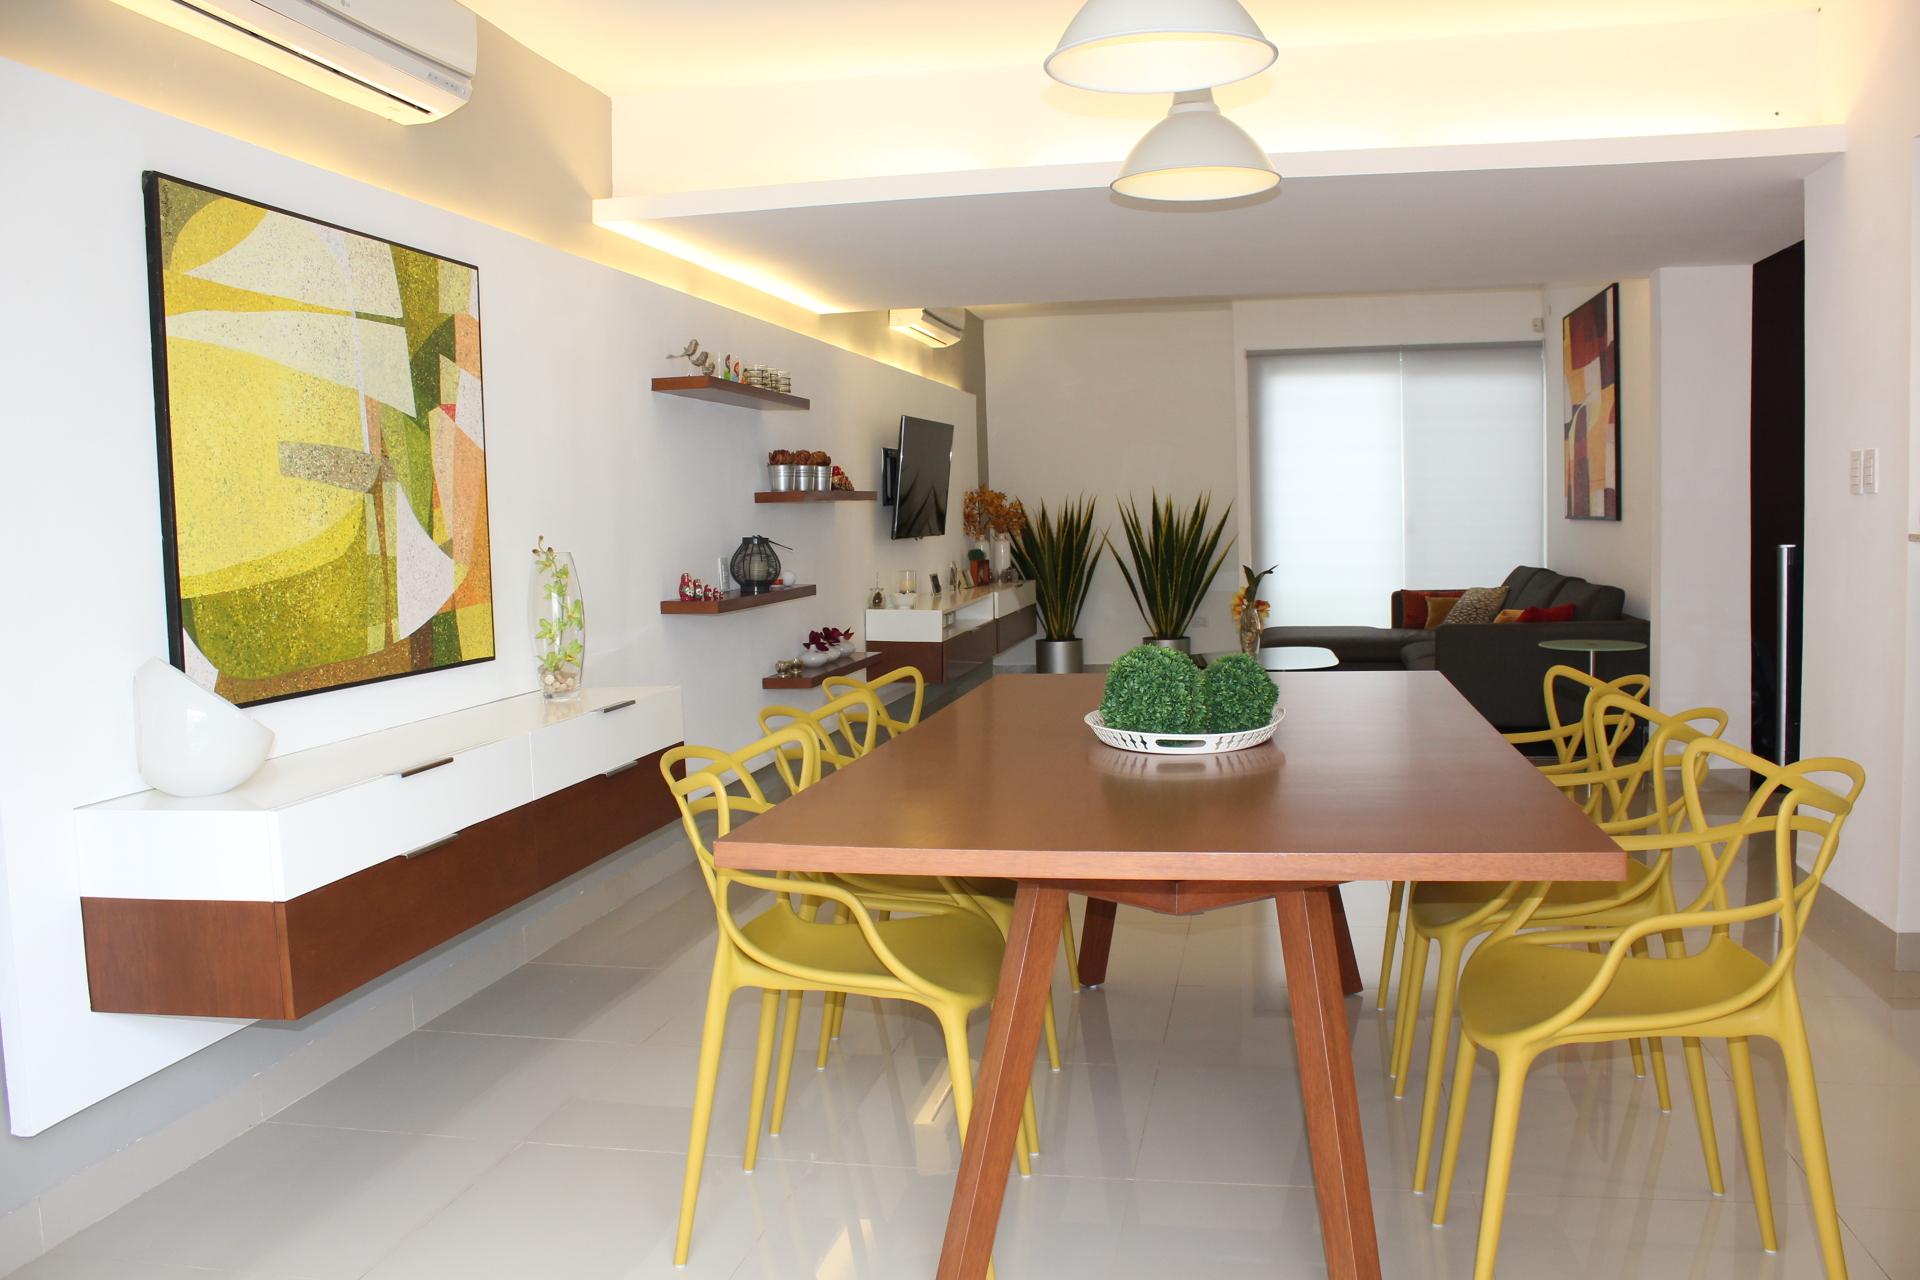 Dise o interior sala comedor for Diseno de interiores merida